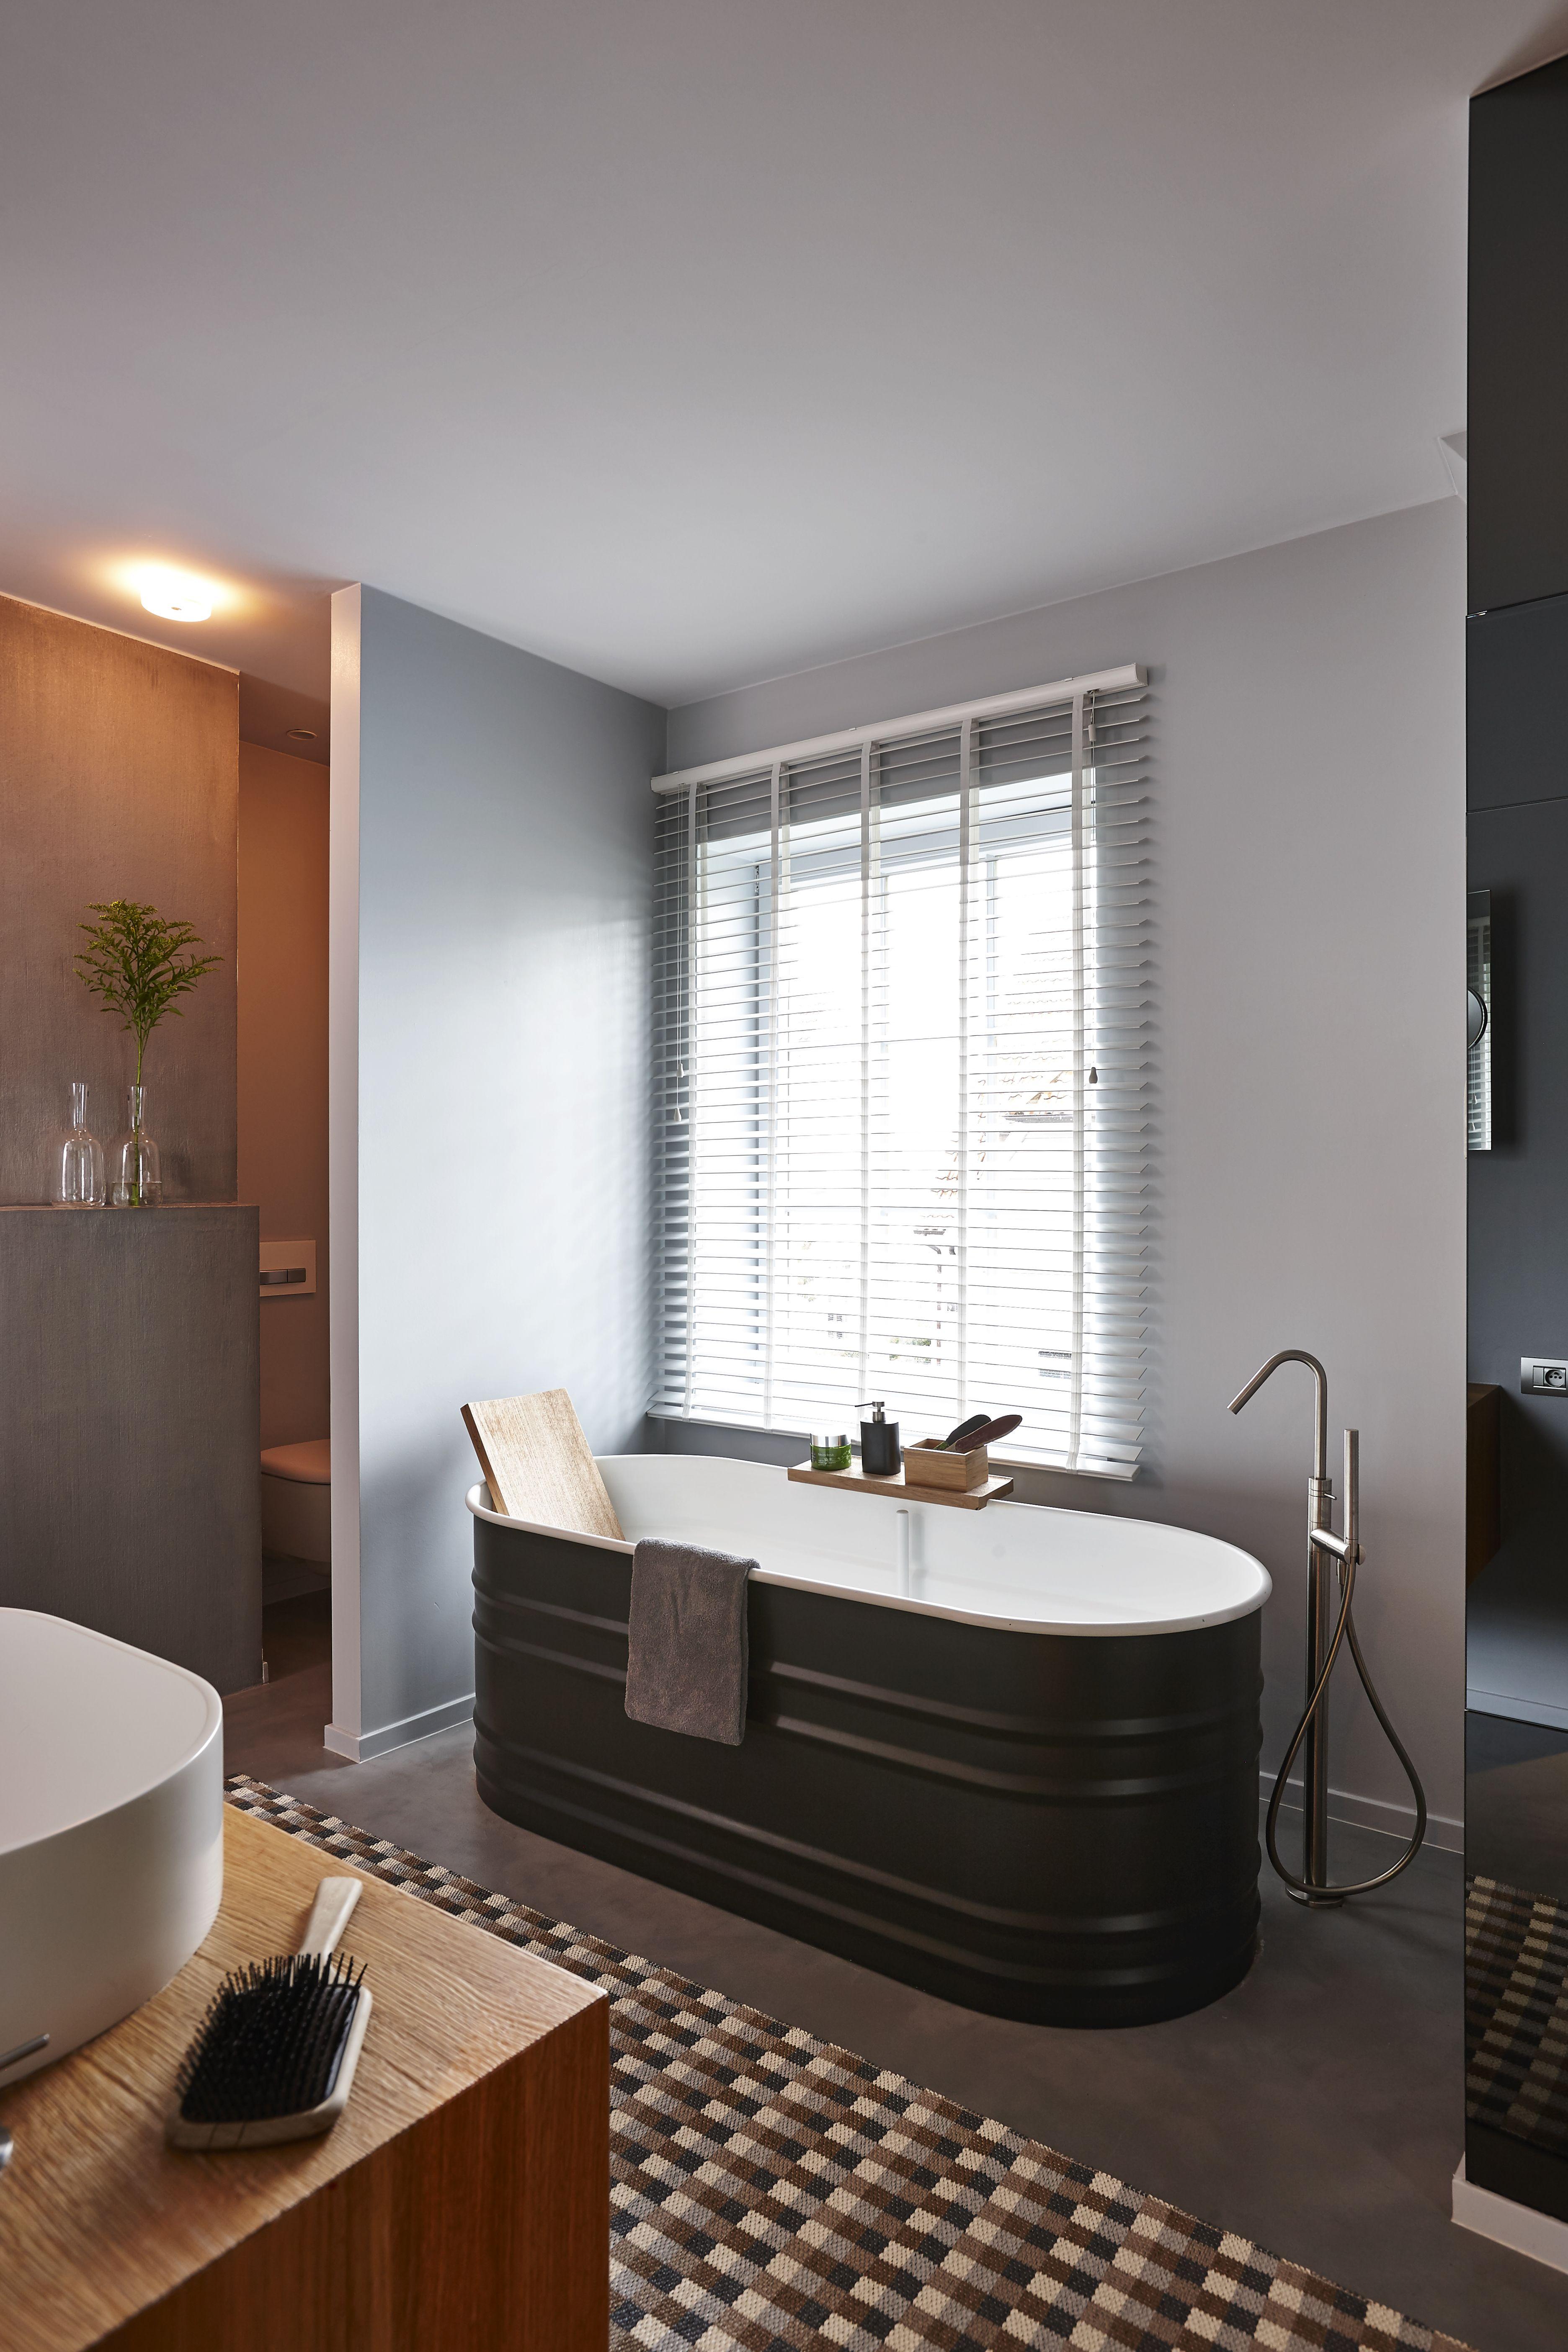 Fabricant Beton Cire France béton ciré couleur gris acier (nancy geernaert) | salle de